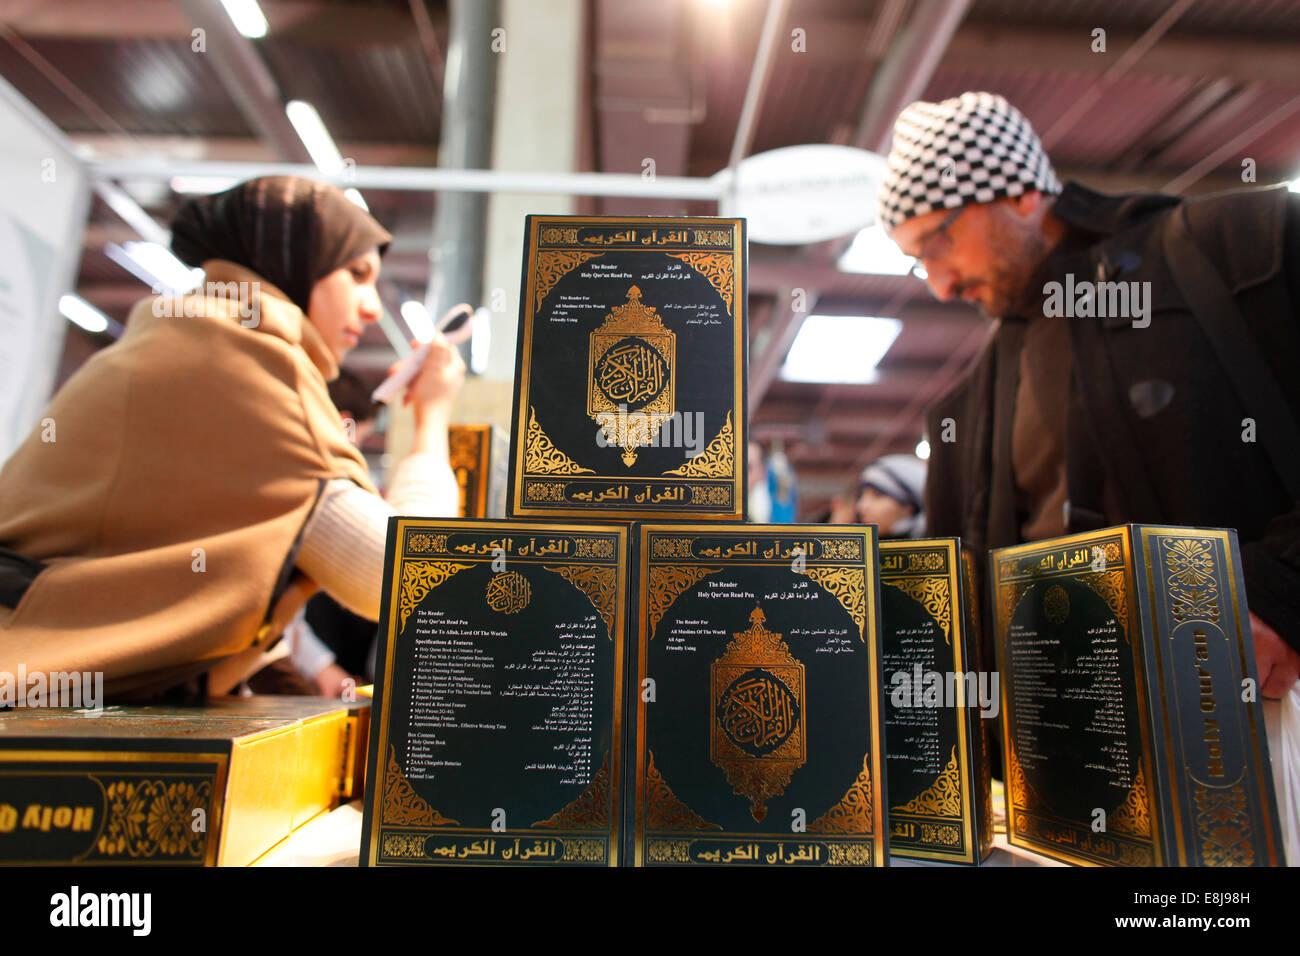 Musulmani fiera. Kurans Immagini Stock